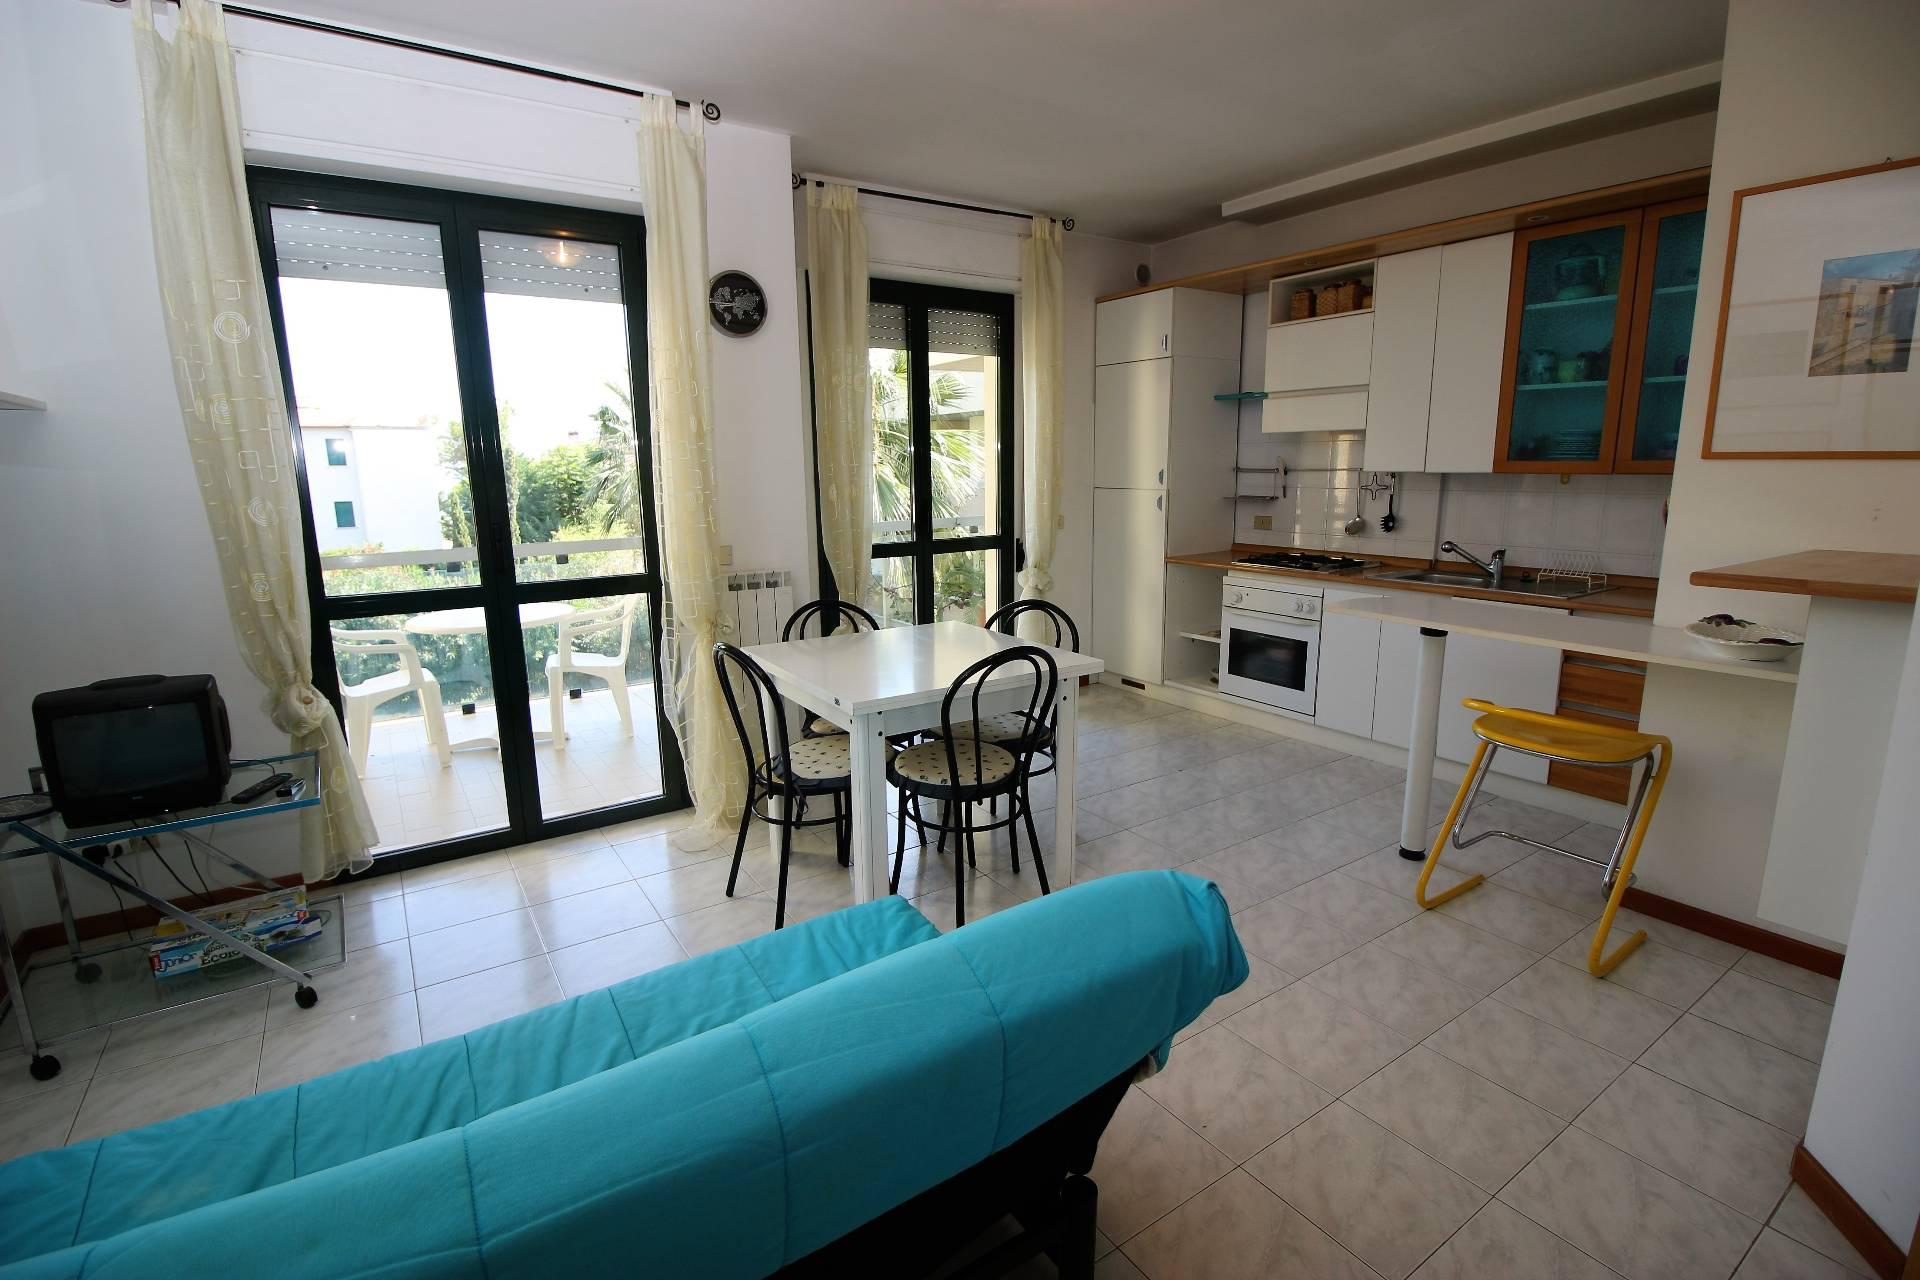 Appartamento in vendita a Tortoreto, 3 locali, zona Località: TortoretoLido, prezzo € 190.000 | Cambio Casa.it